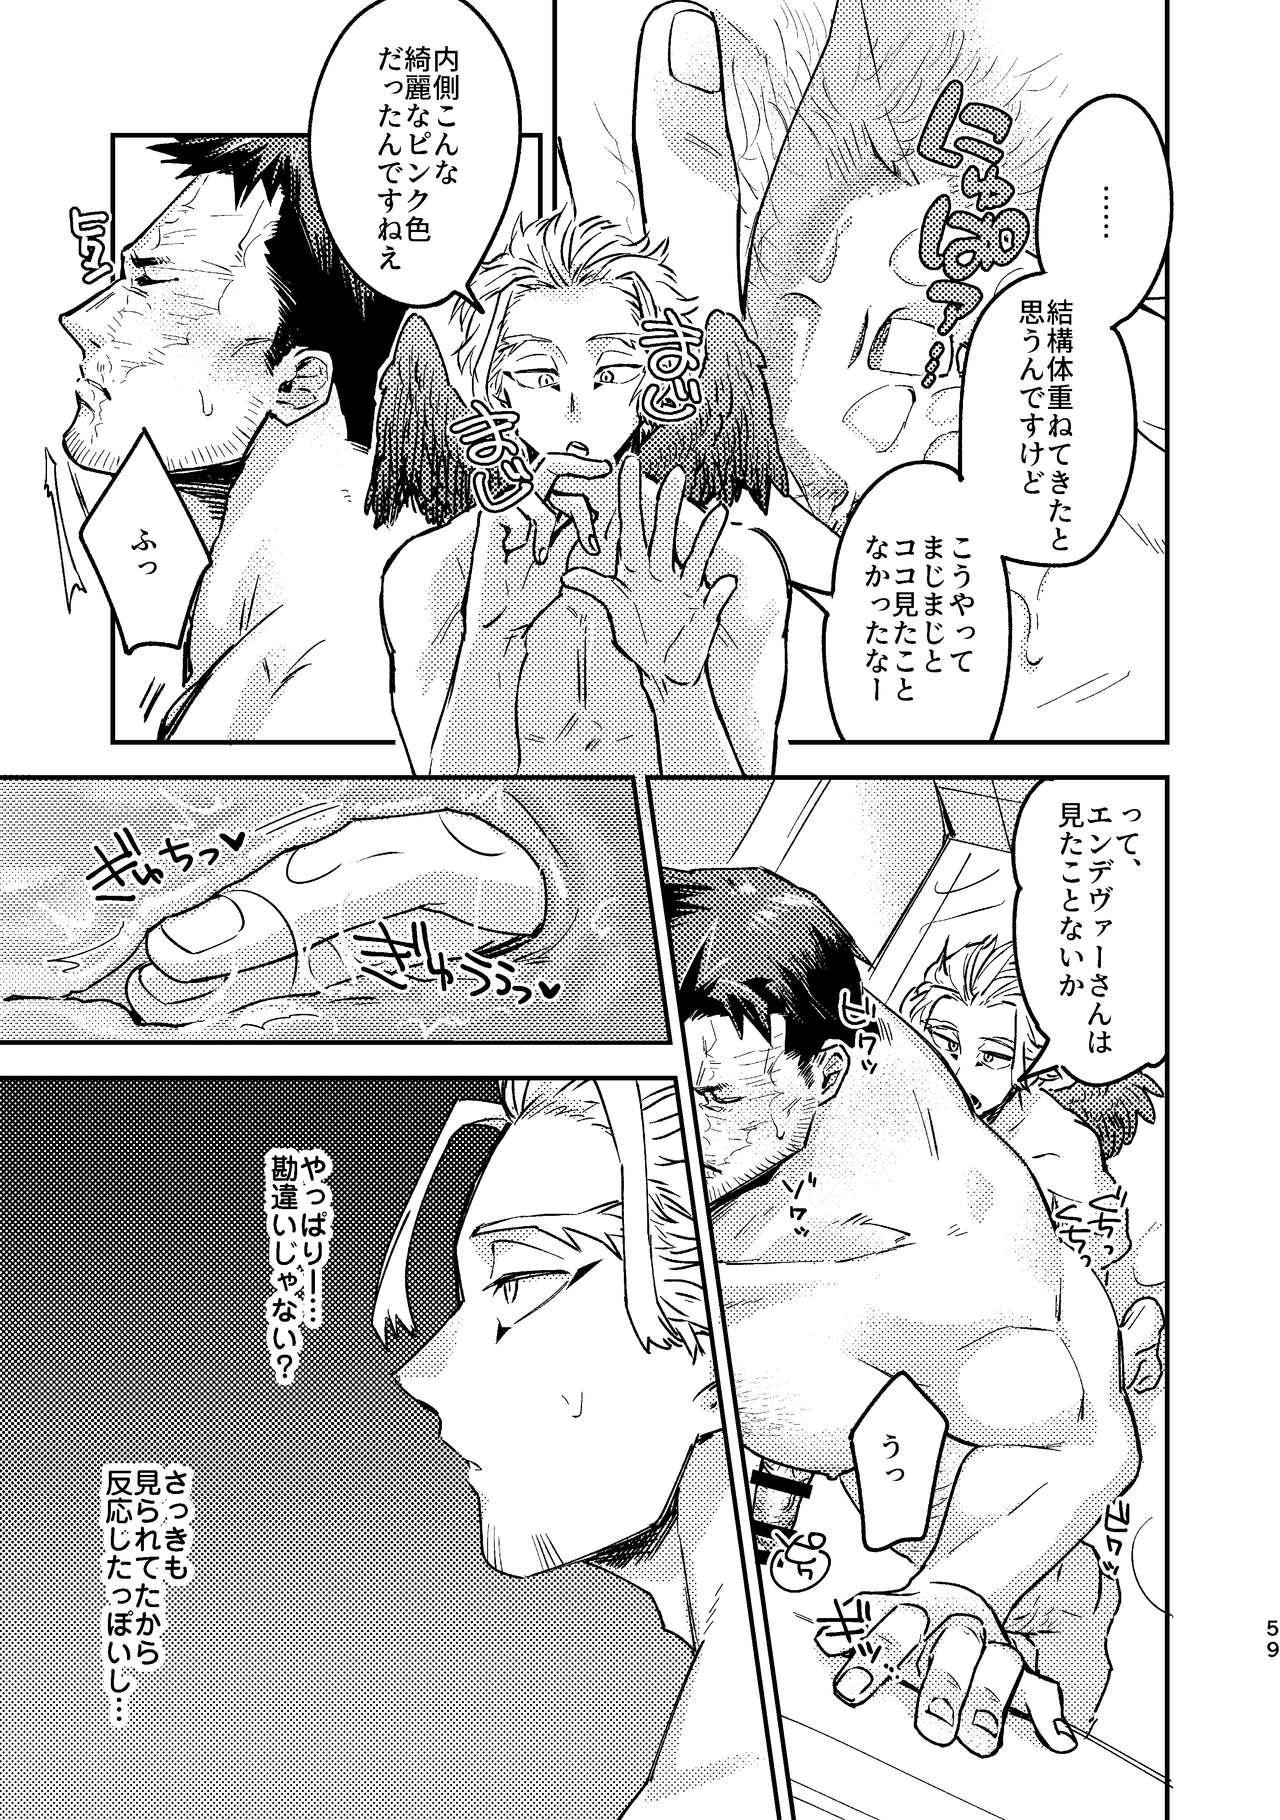 WEB Sairoku Zumi HawEn Manga ga Kami demo Yomeru Hon. 58